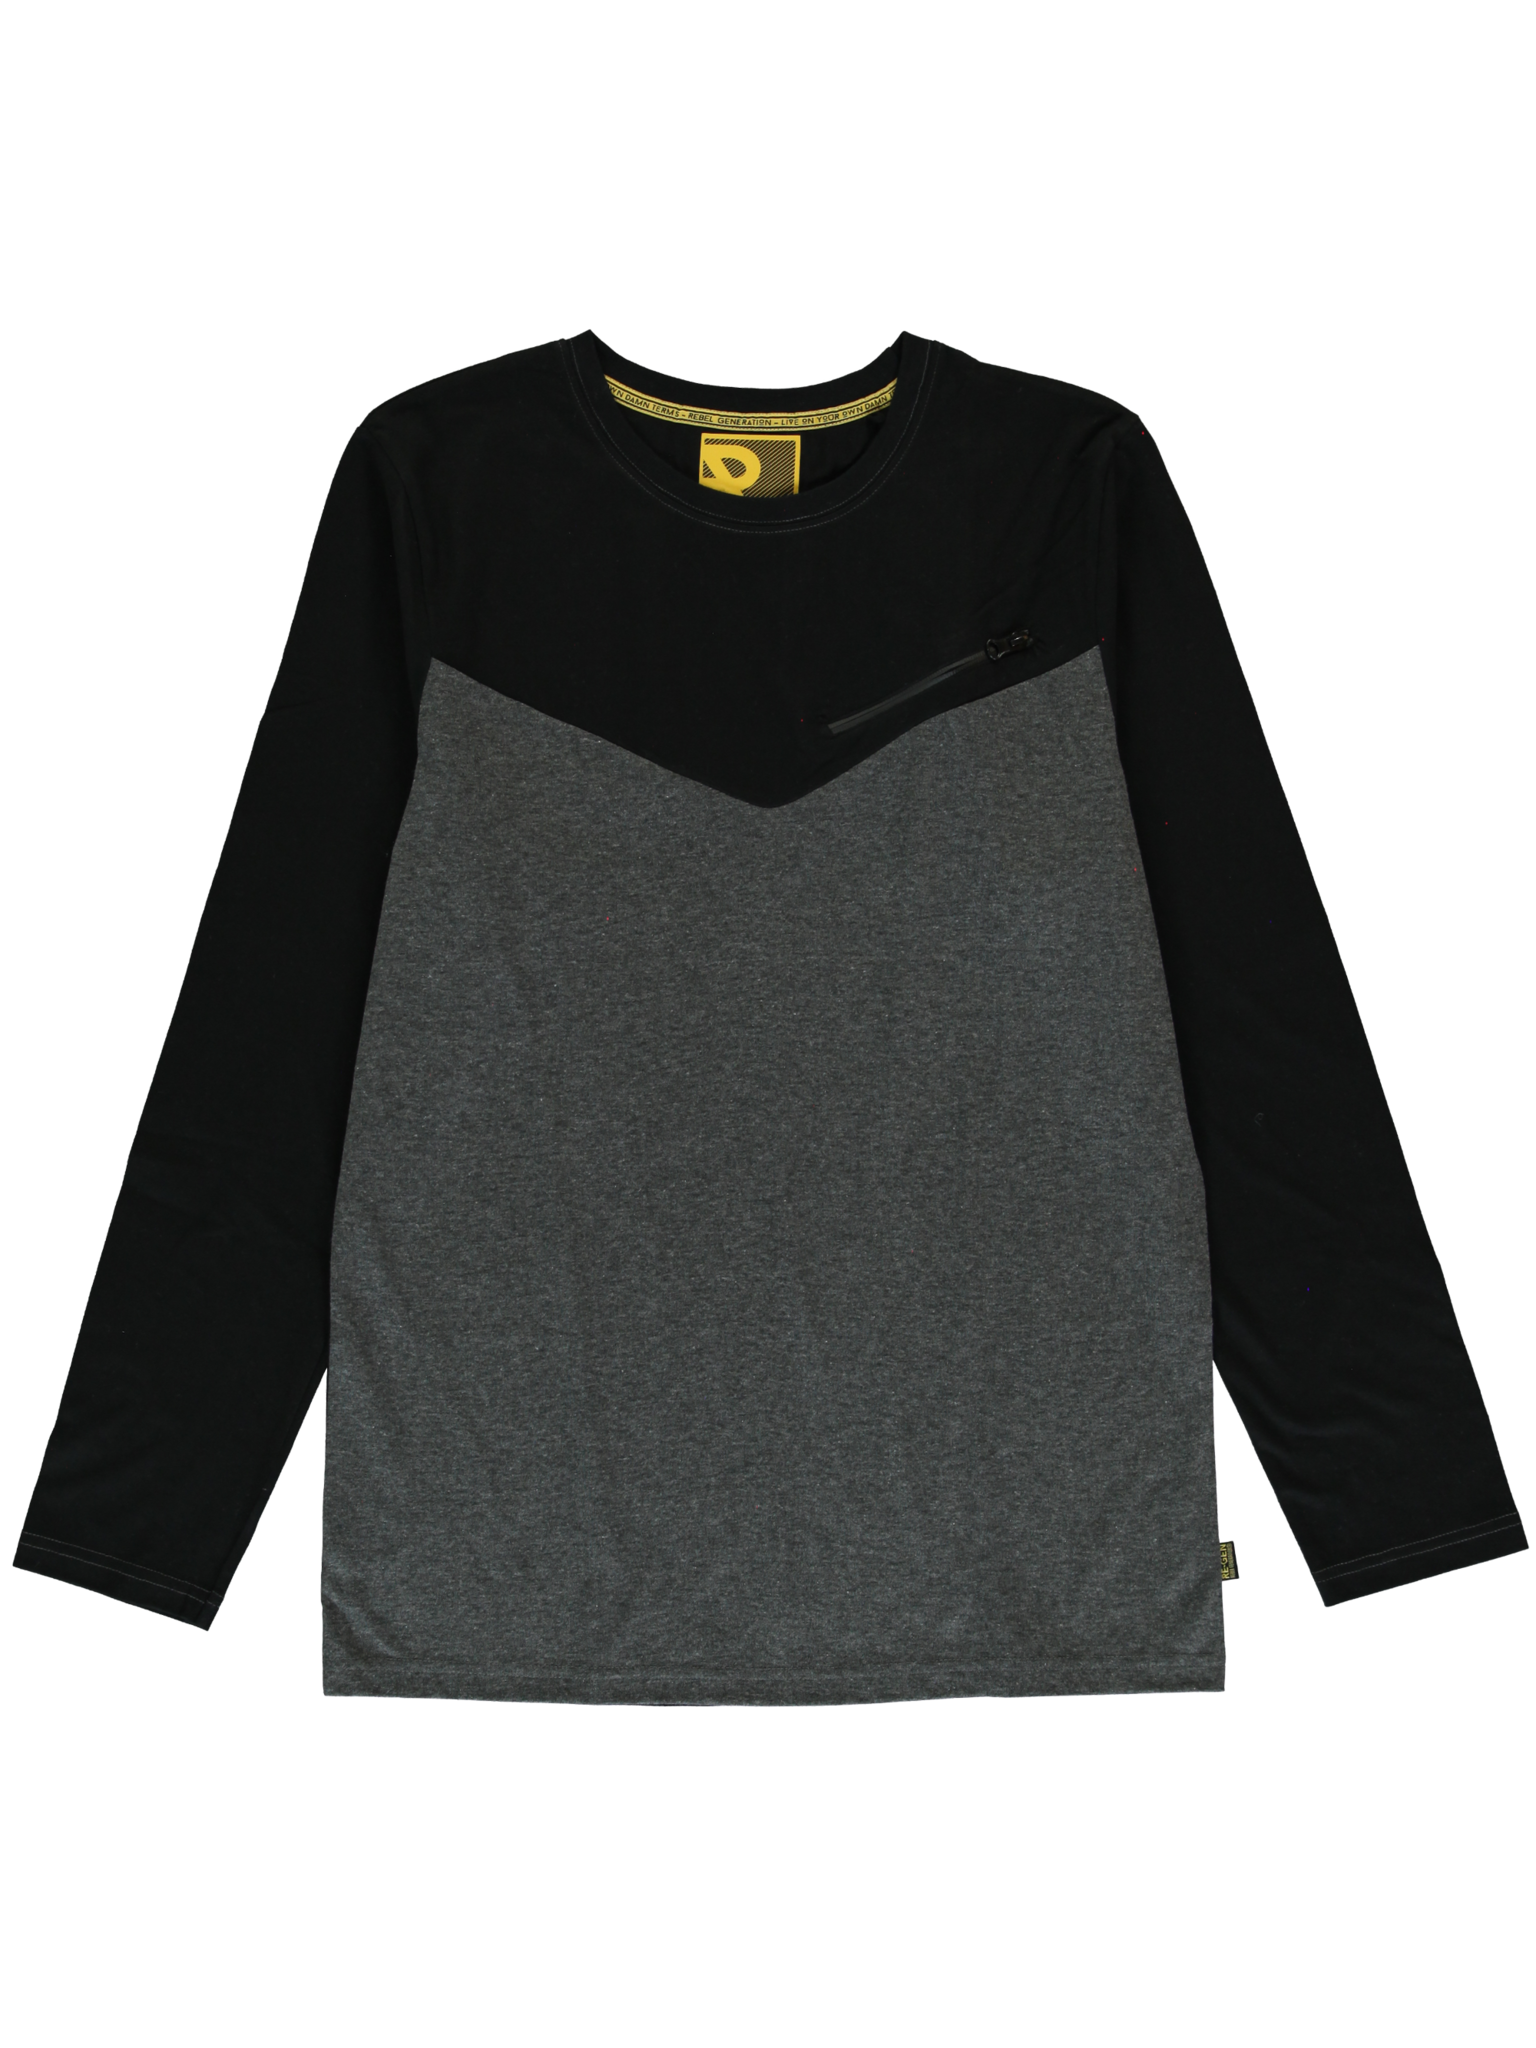 REGEN | Winter 2019 Teen Boys | T-shirt | 20 pcs/box